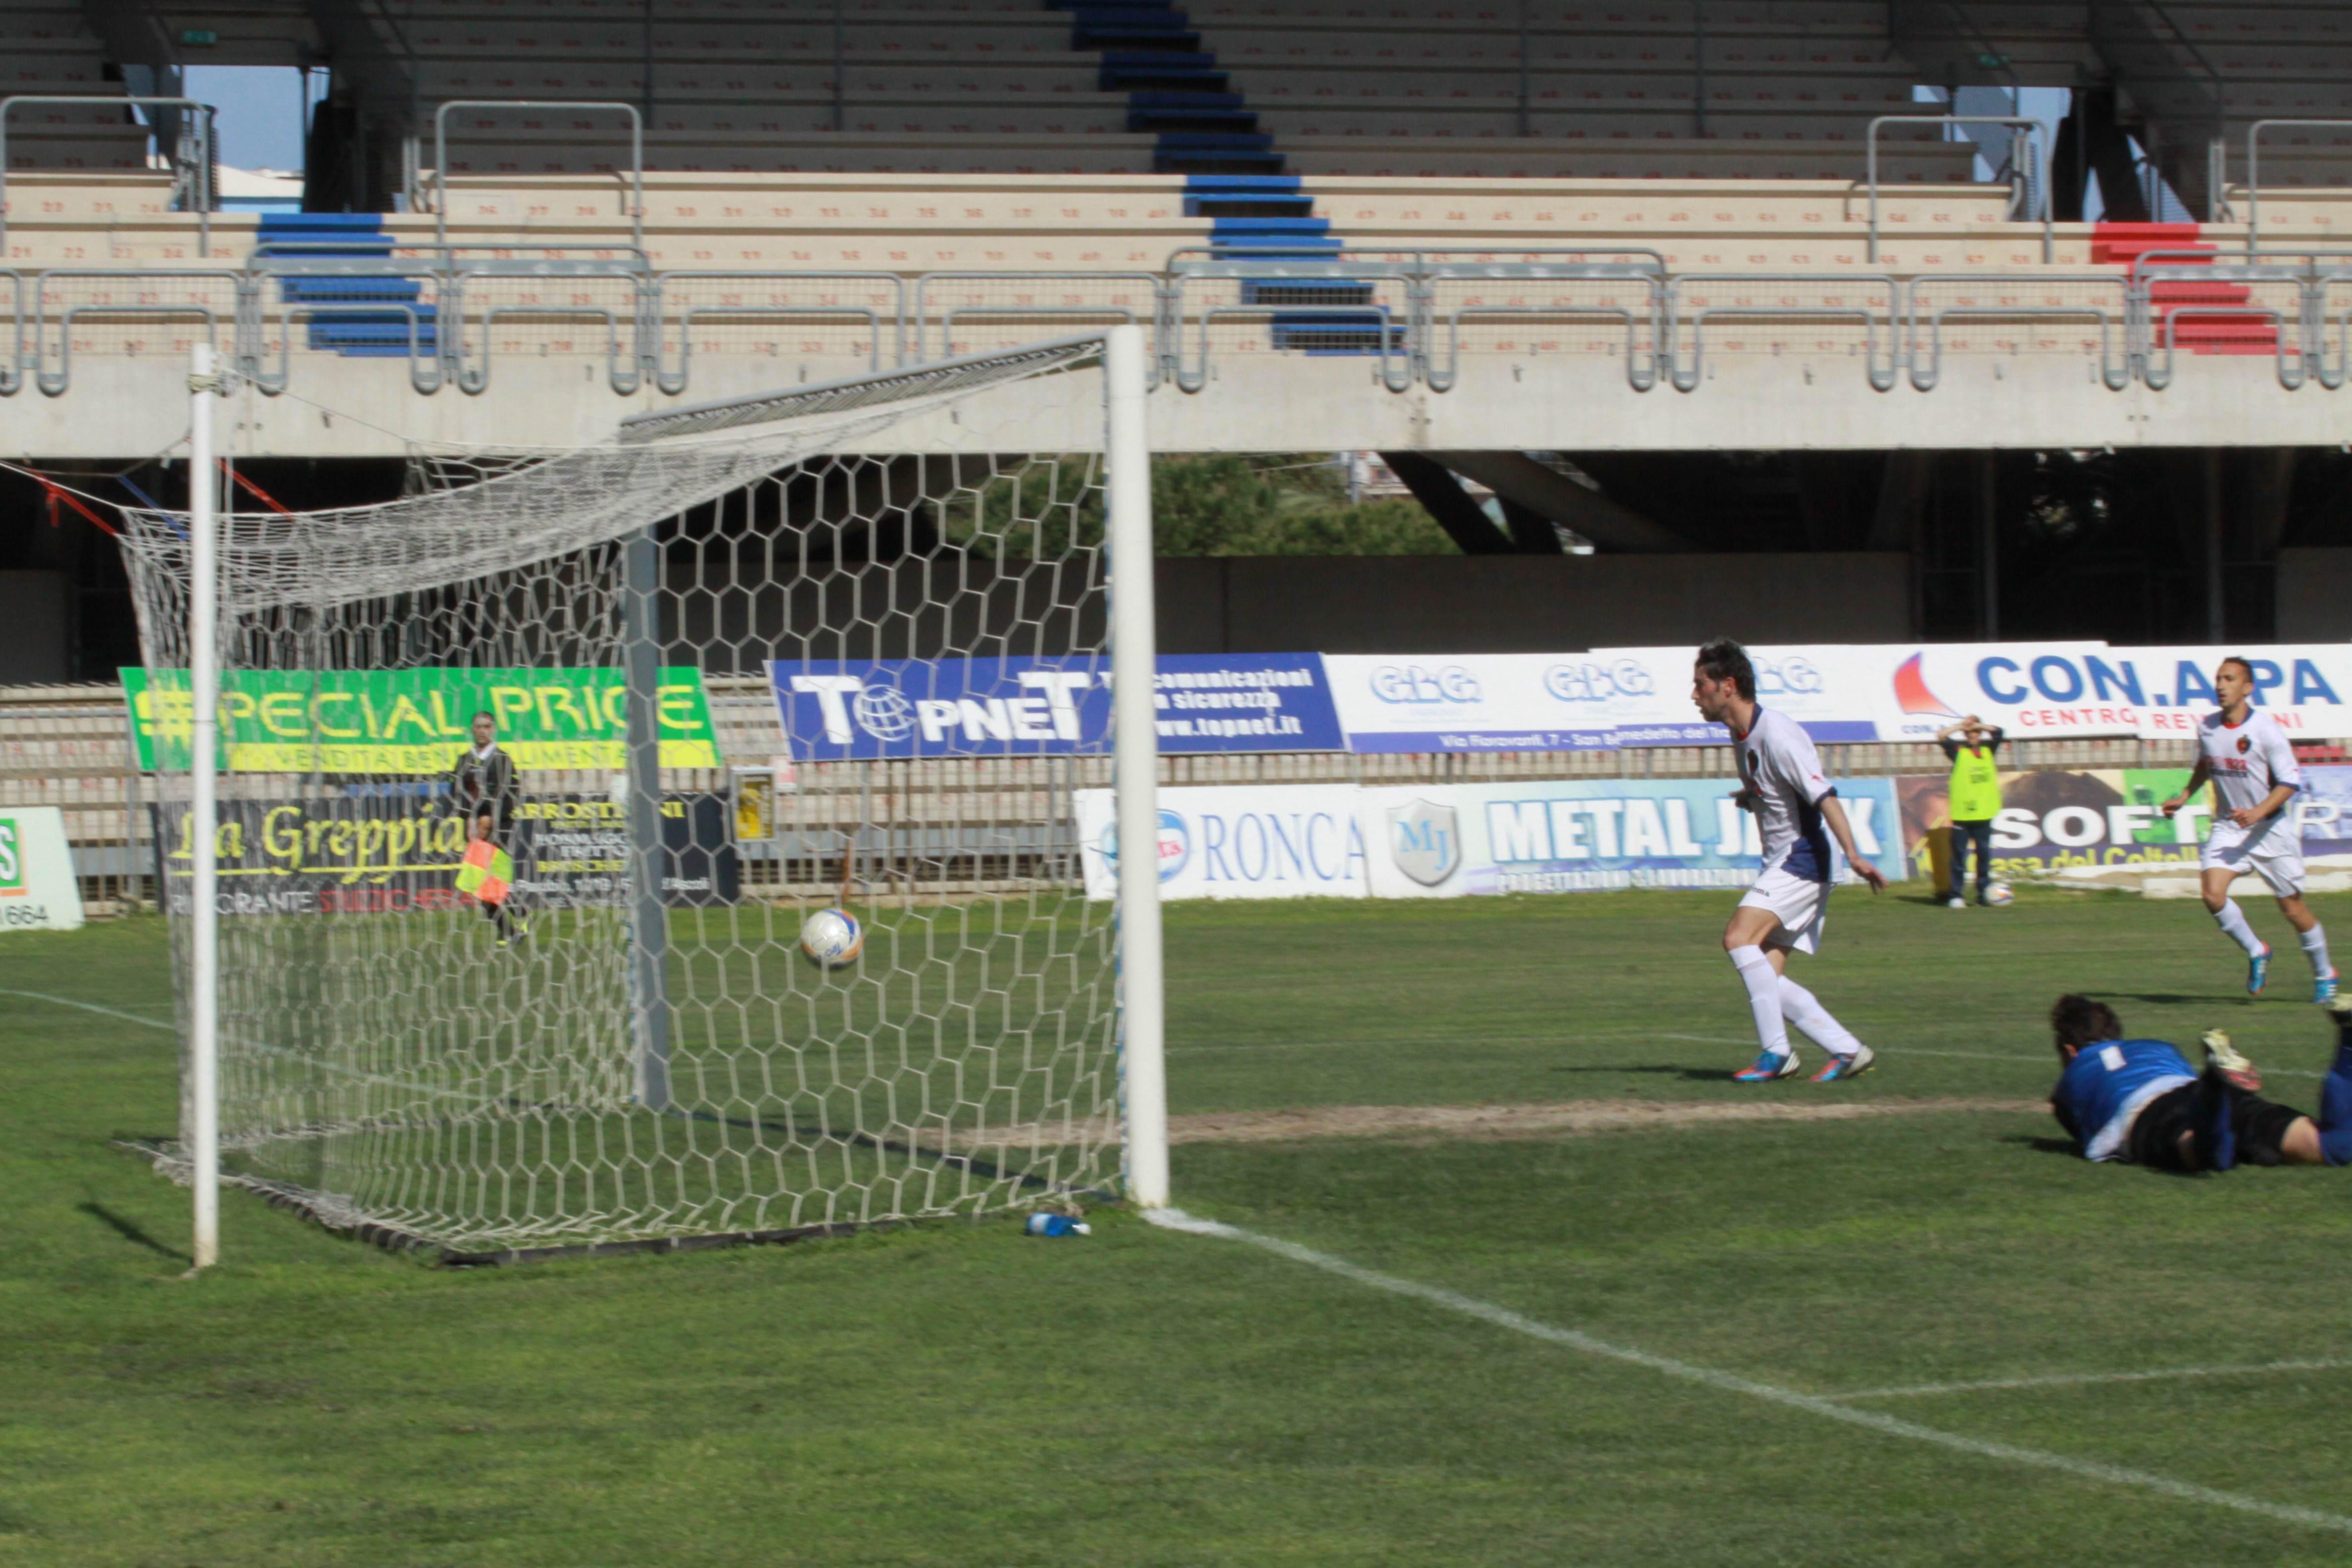 Samb-Isernia il gol di Marini (bianchini)